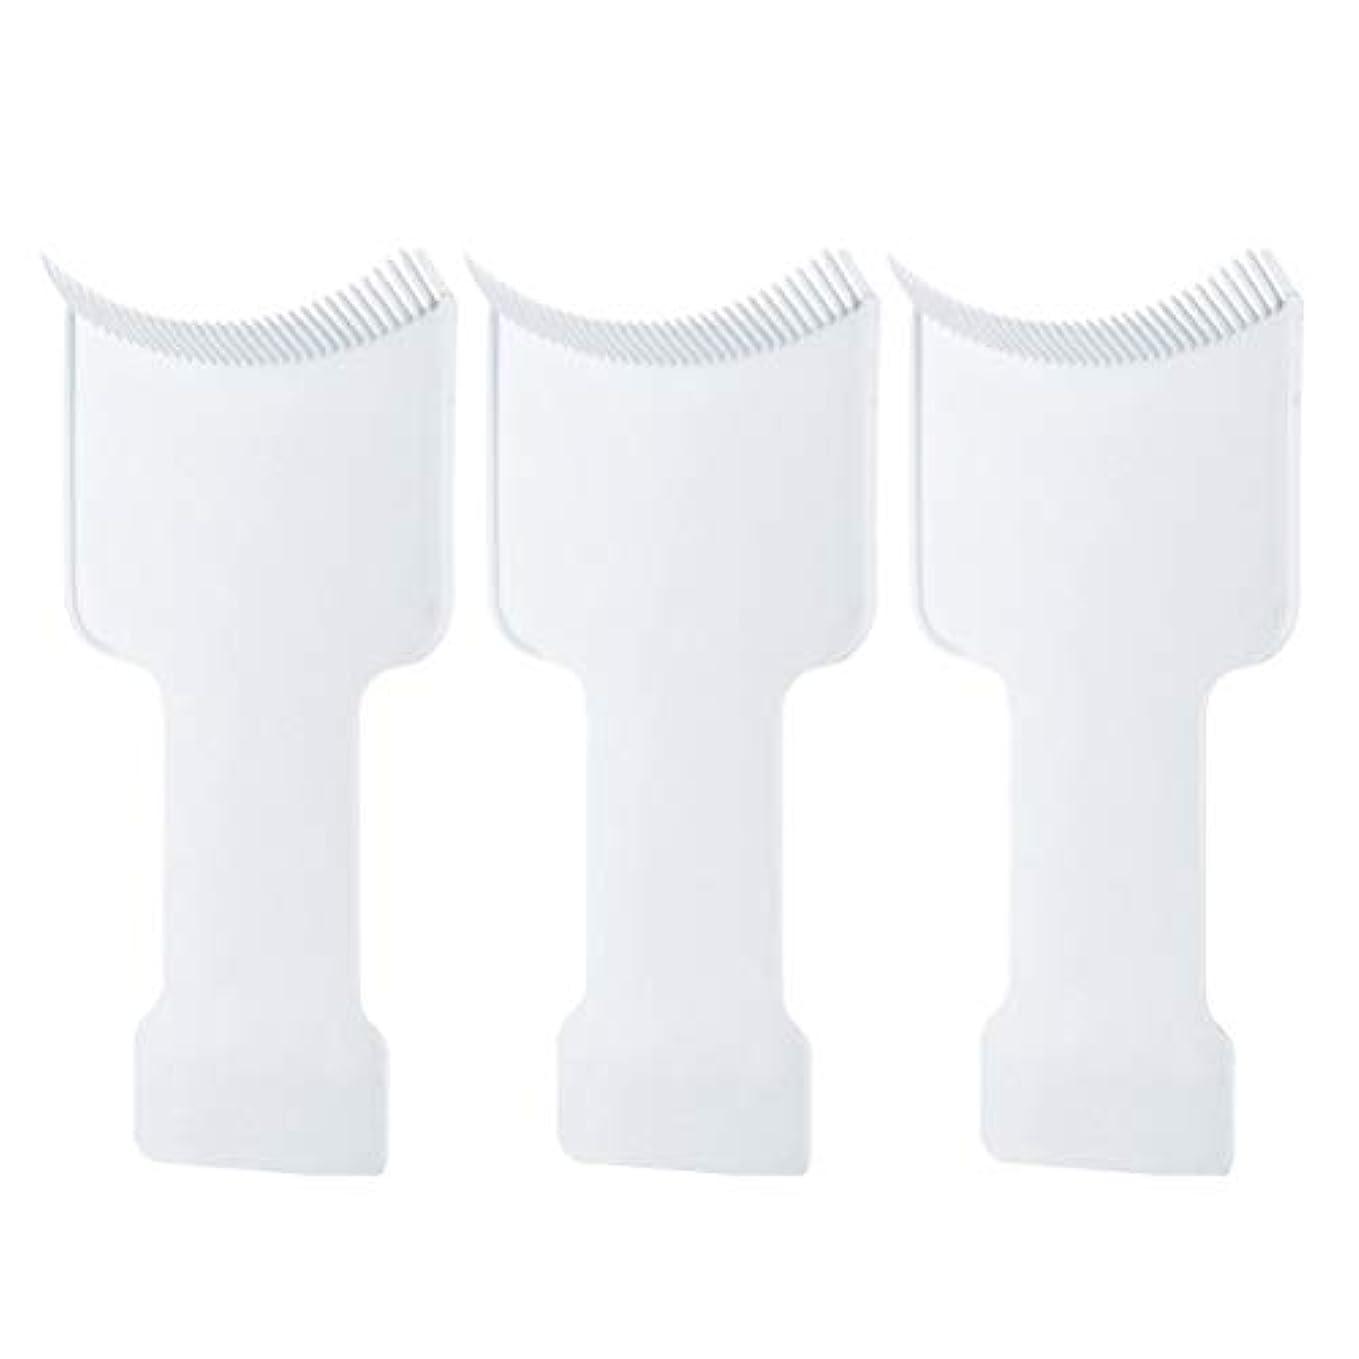 等々球状不正確Frcolor ヘアダイブラシ ヘアダイコーム ヘアカラー 毛染め ヘアスタイリング 家庭用 美容師プロ用 プラスチック製 3点セット(ホワイト)